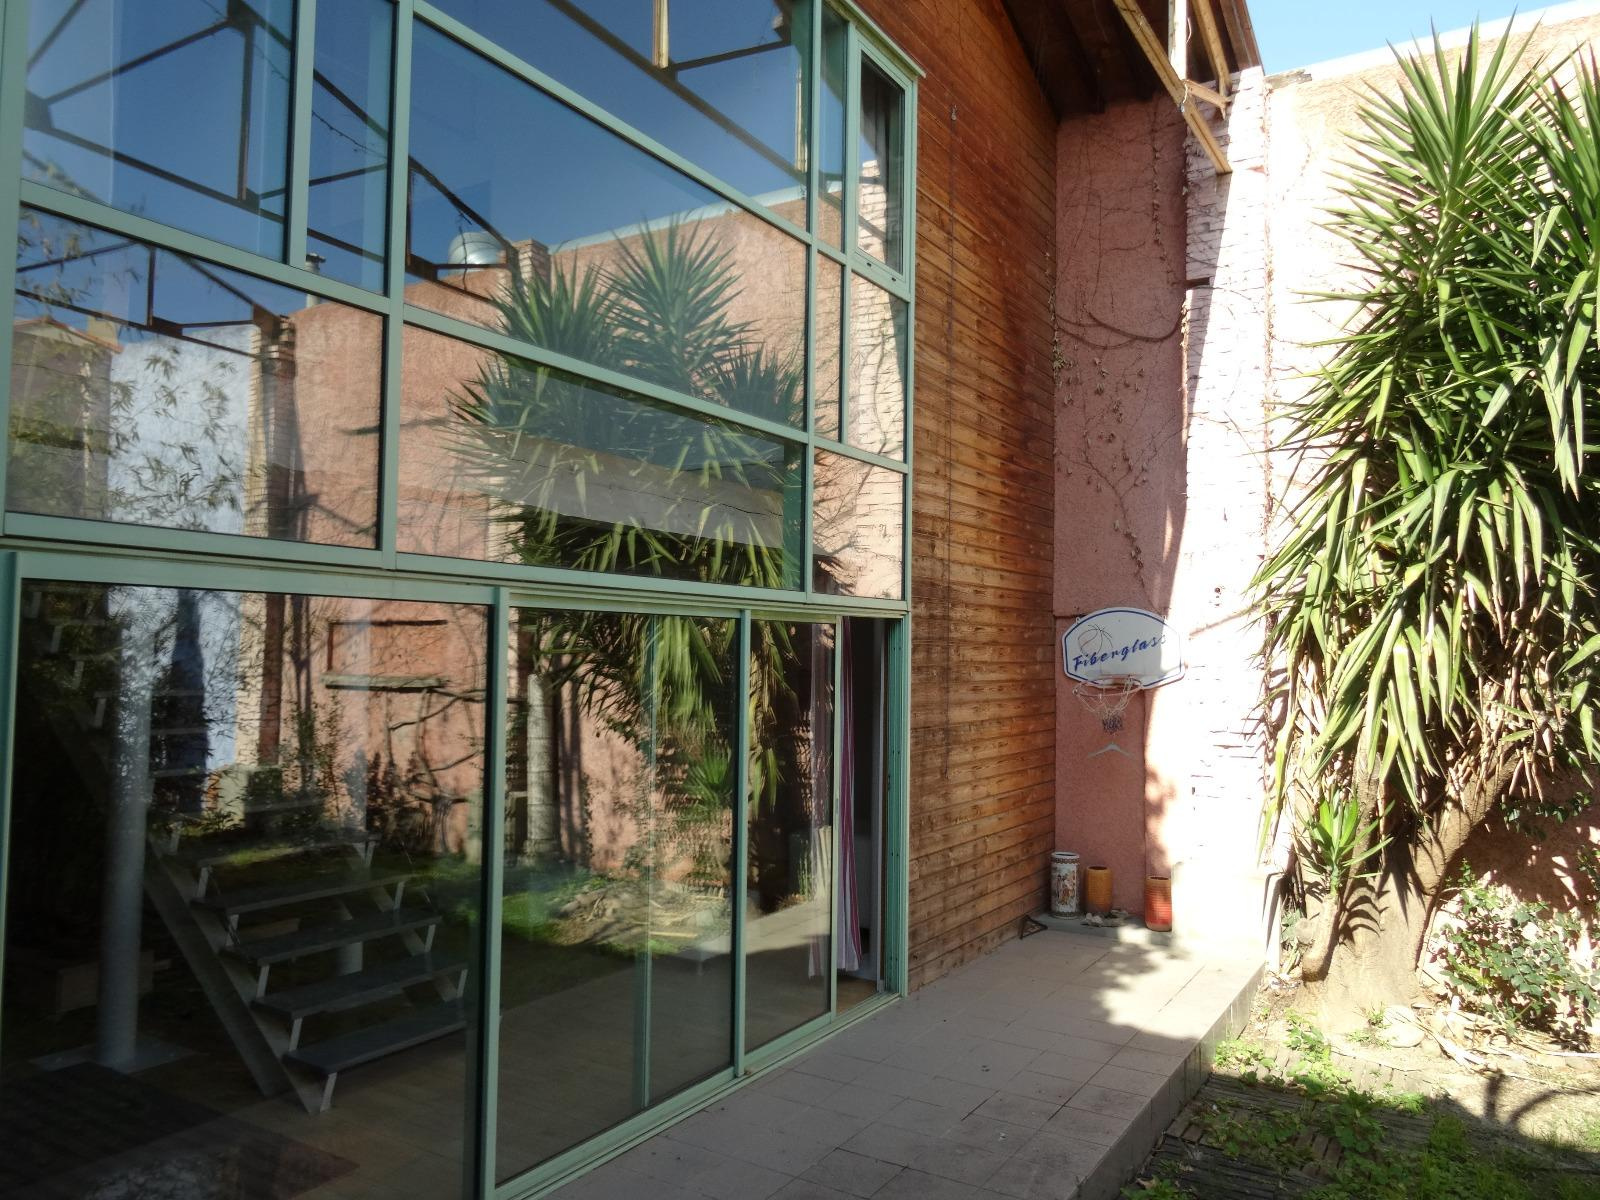 Vente vente a perpignan maison de ville t5 jardin garage 365 000 casting immobilier - Jardin ville de quebec perpignan ...